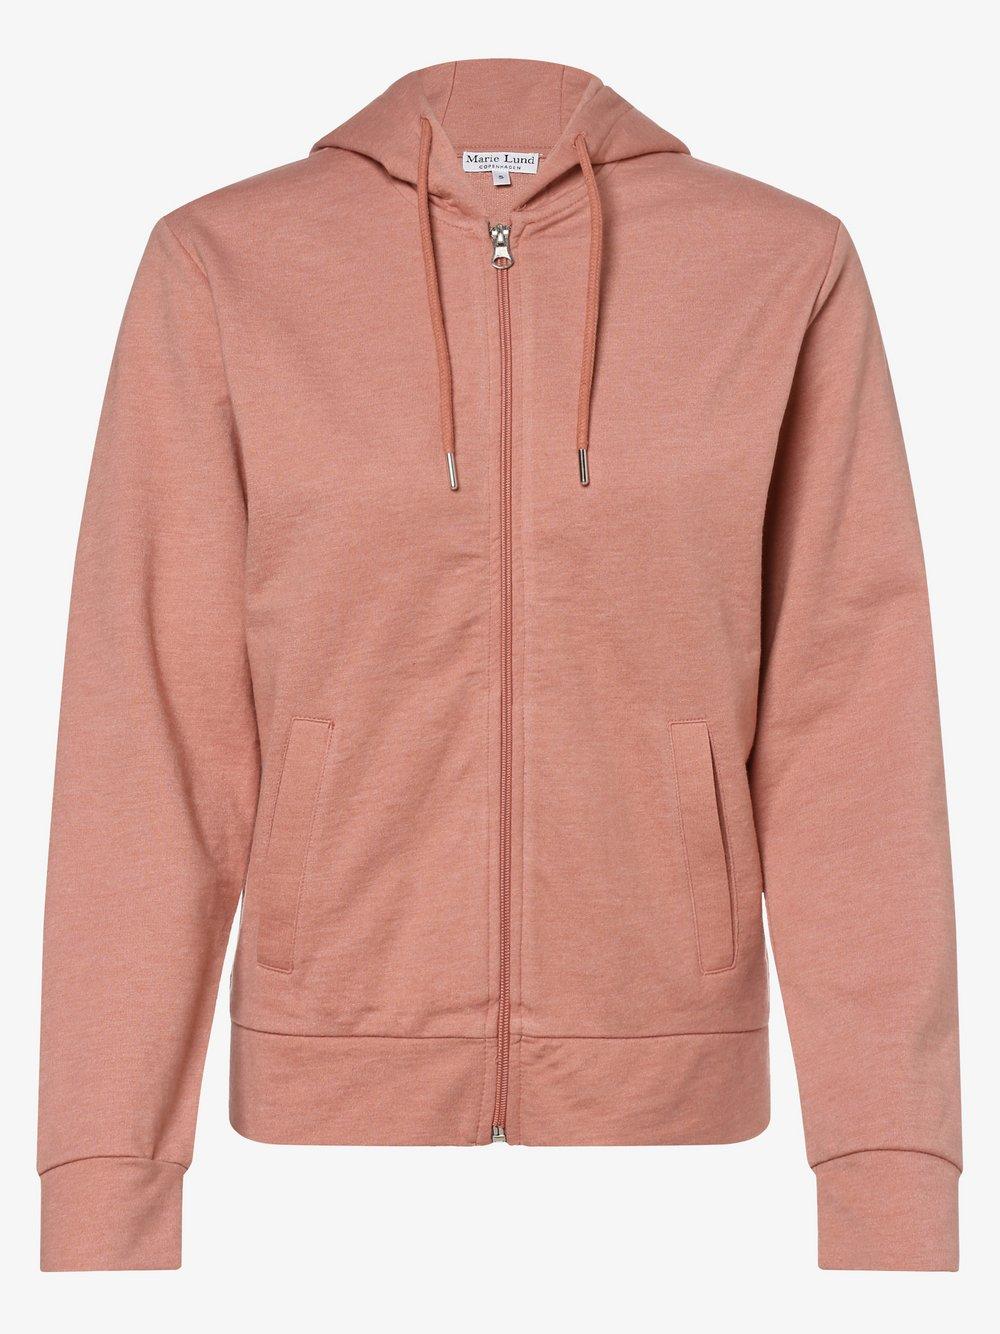 Marie Lund - Damska bluza rozpinana, różowy